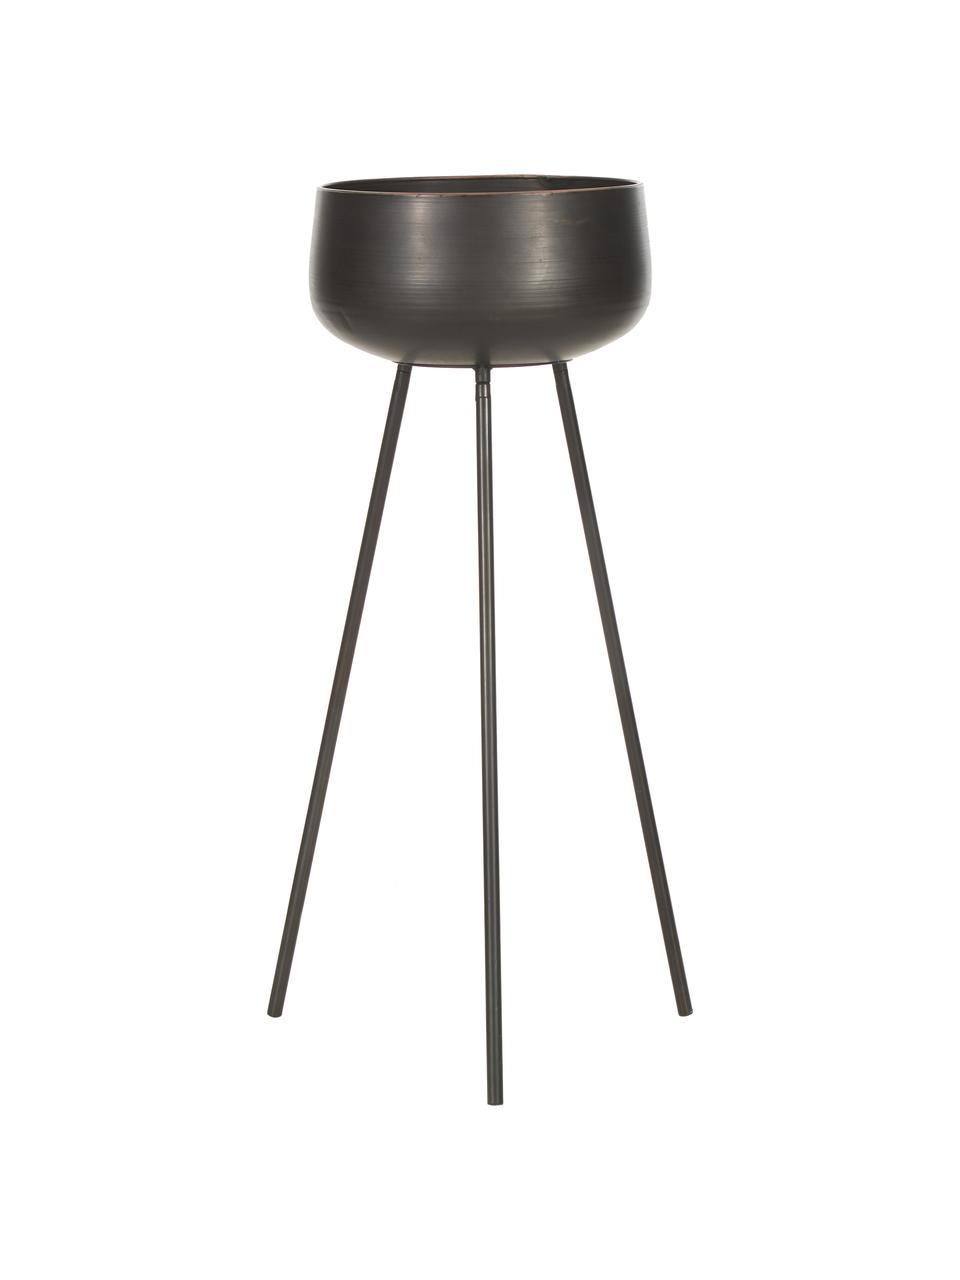 Übertopf-Set Chimp aus Metall, 2-tlg., Metall, beschichtet, Schwarz, Sondergrößen